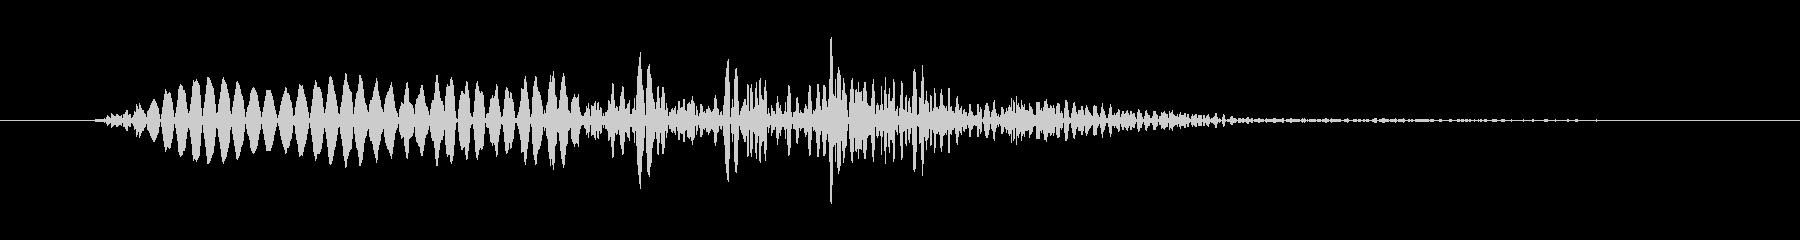 Damage (for battle) 002's unreproduced waveform